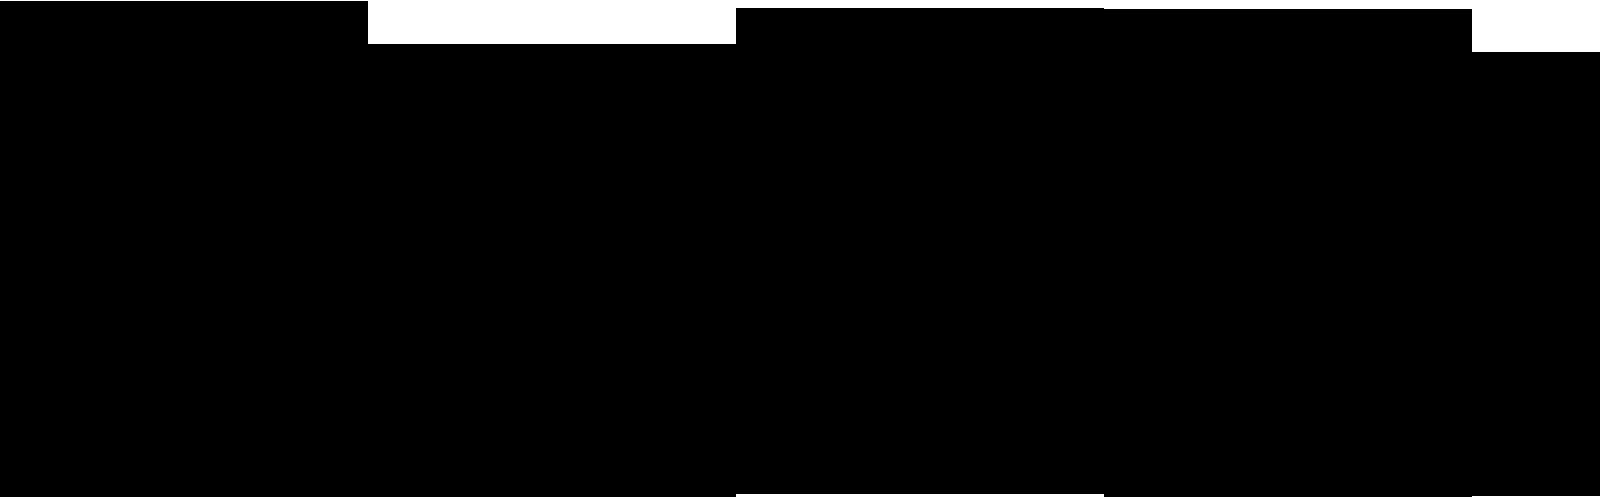 vincentradio